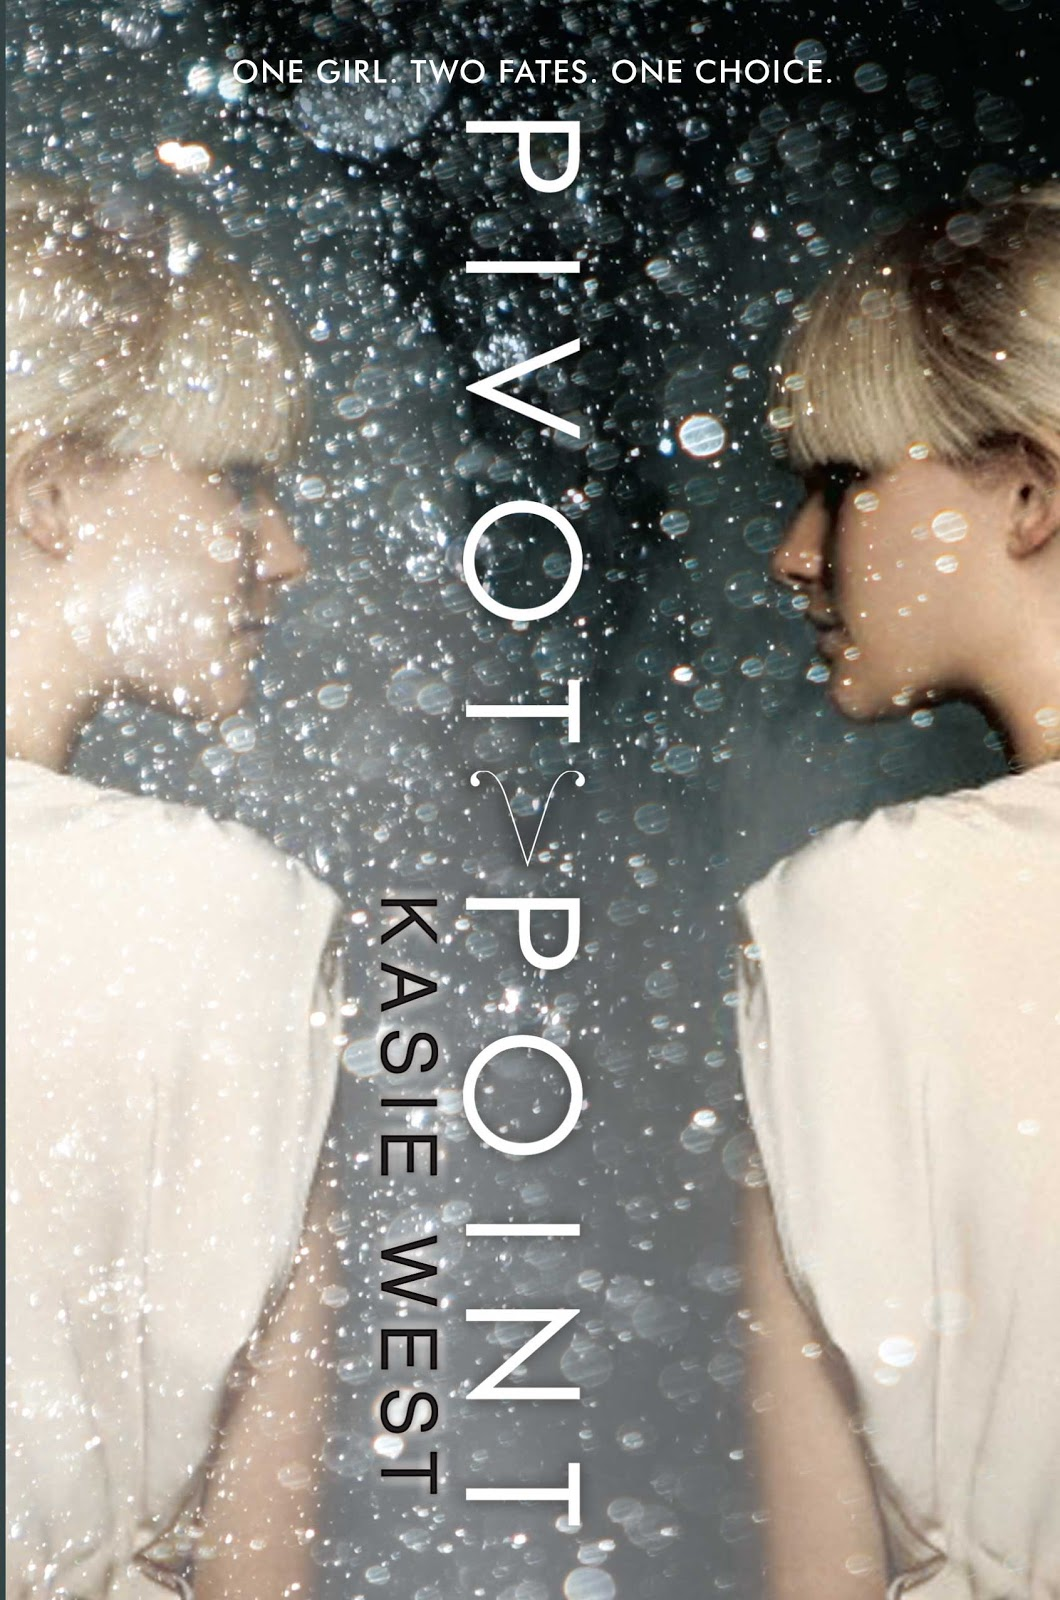 www pivot point com: